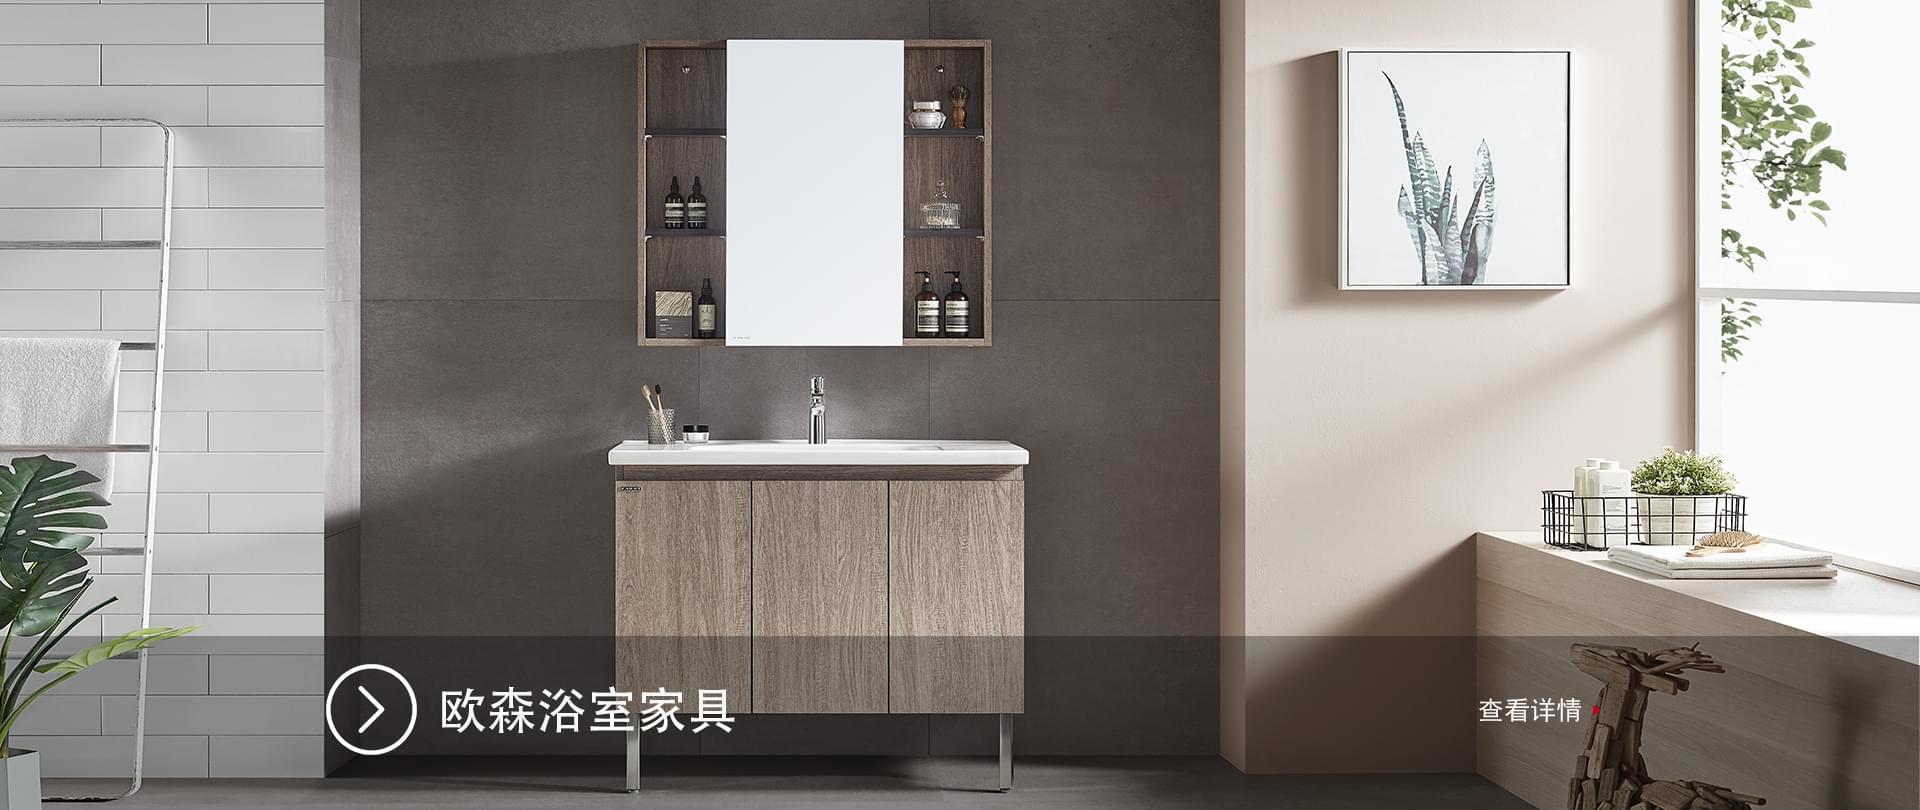 欧森浴室家具